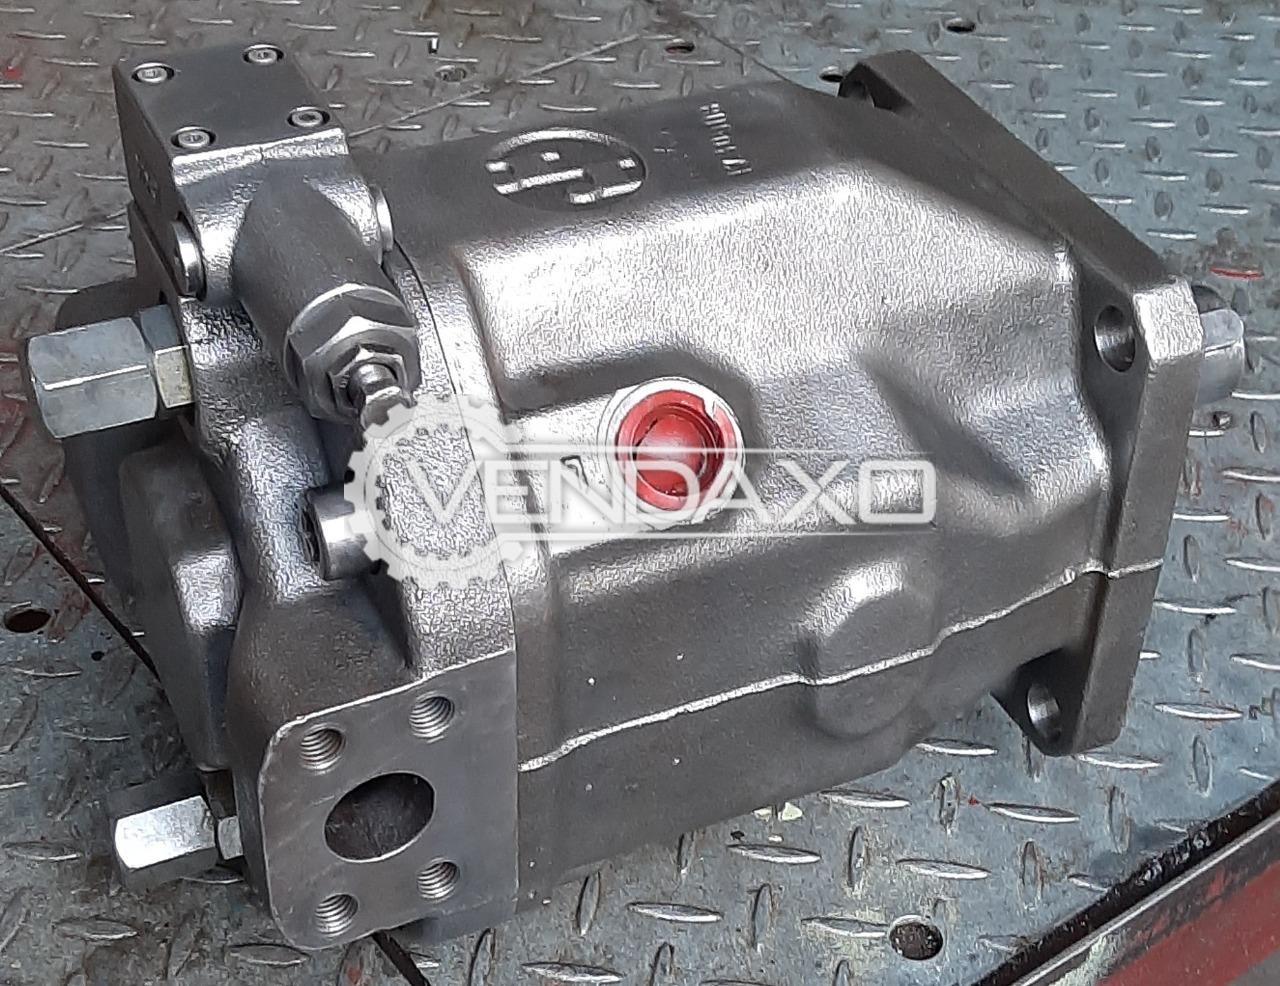 Rexroth A10VSO-140 DRG Hydraulic Pump - 140 CC, 2008 Model